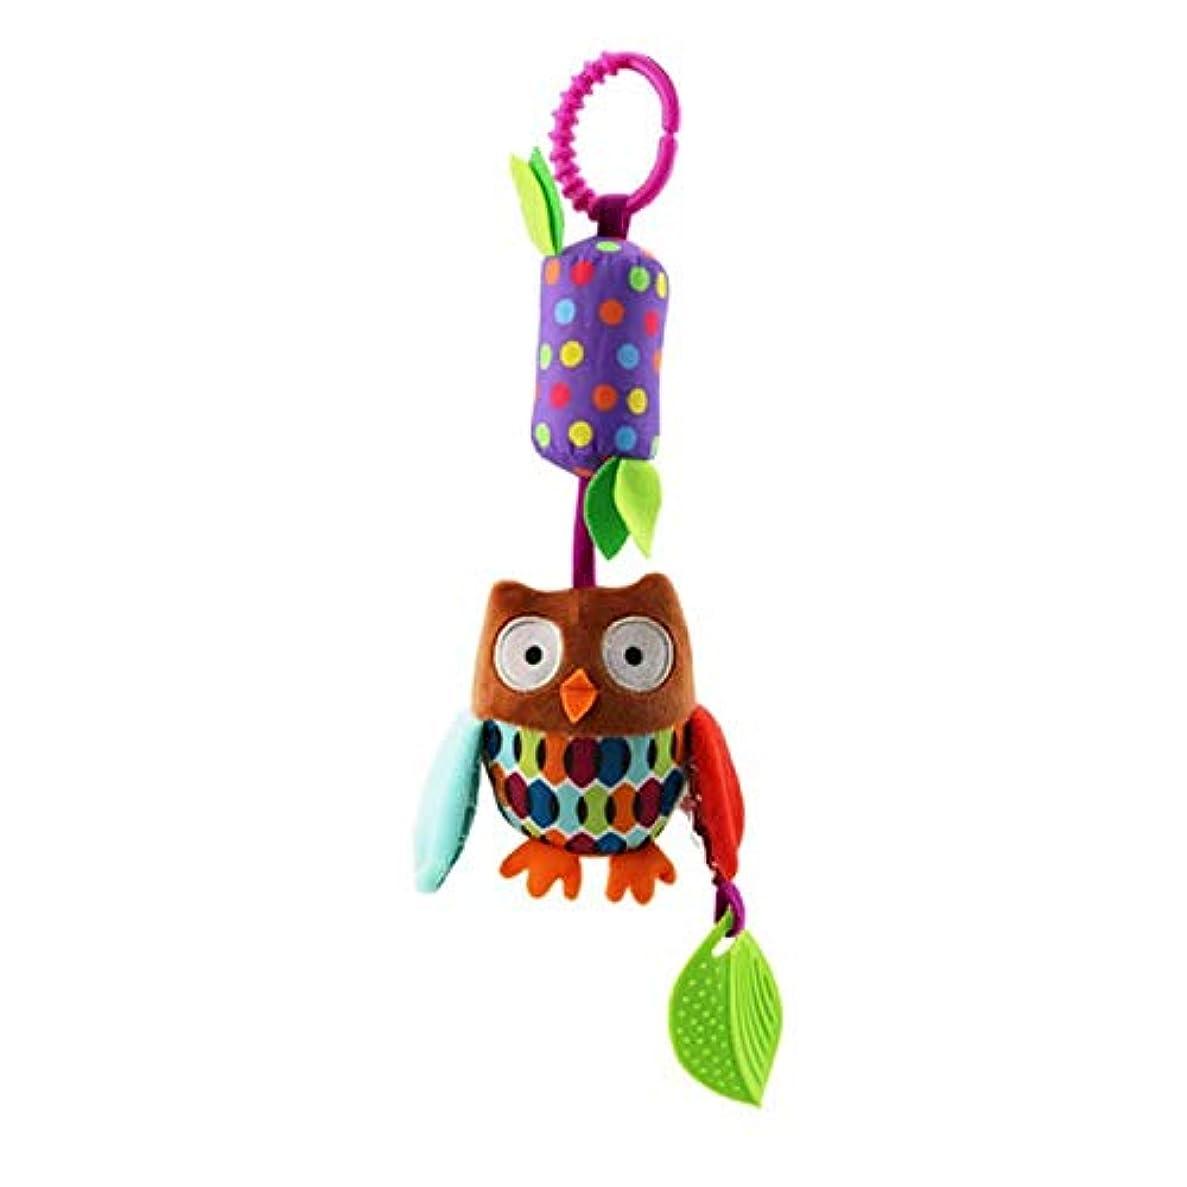 シャーロックホームズ話をするペダルLINSUNG 赤ちゃん乳母車のベビーカーのおもちゃガラガラ音を立てて鳴る鳴き声知育玩具 新生児用カーシートベッド旅行活動ぬいぐるみ動物風鈴男の子用ティーザー付き Owl